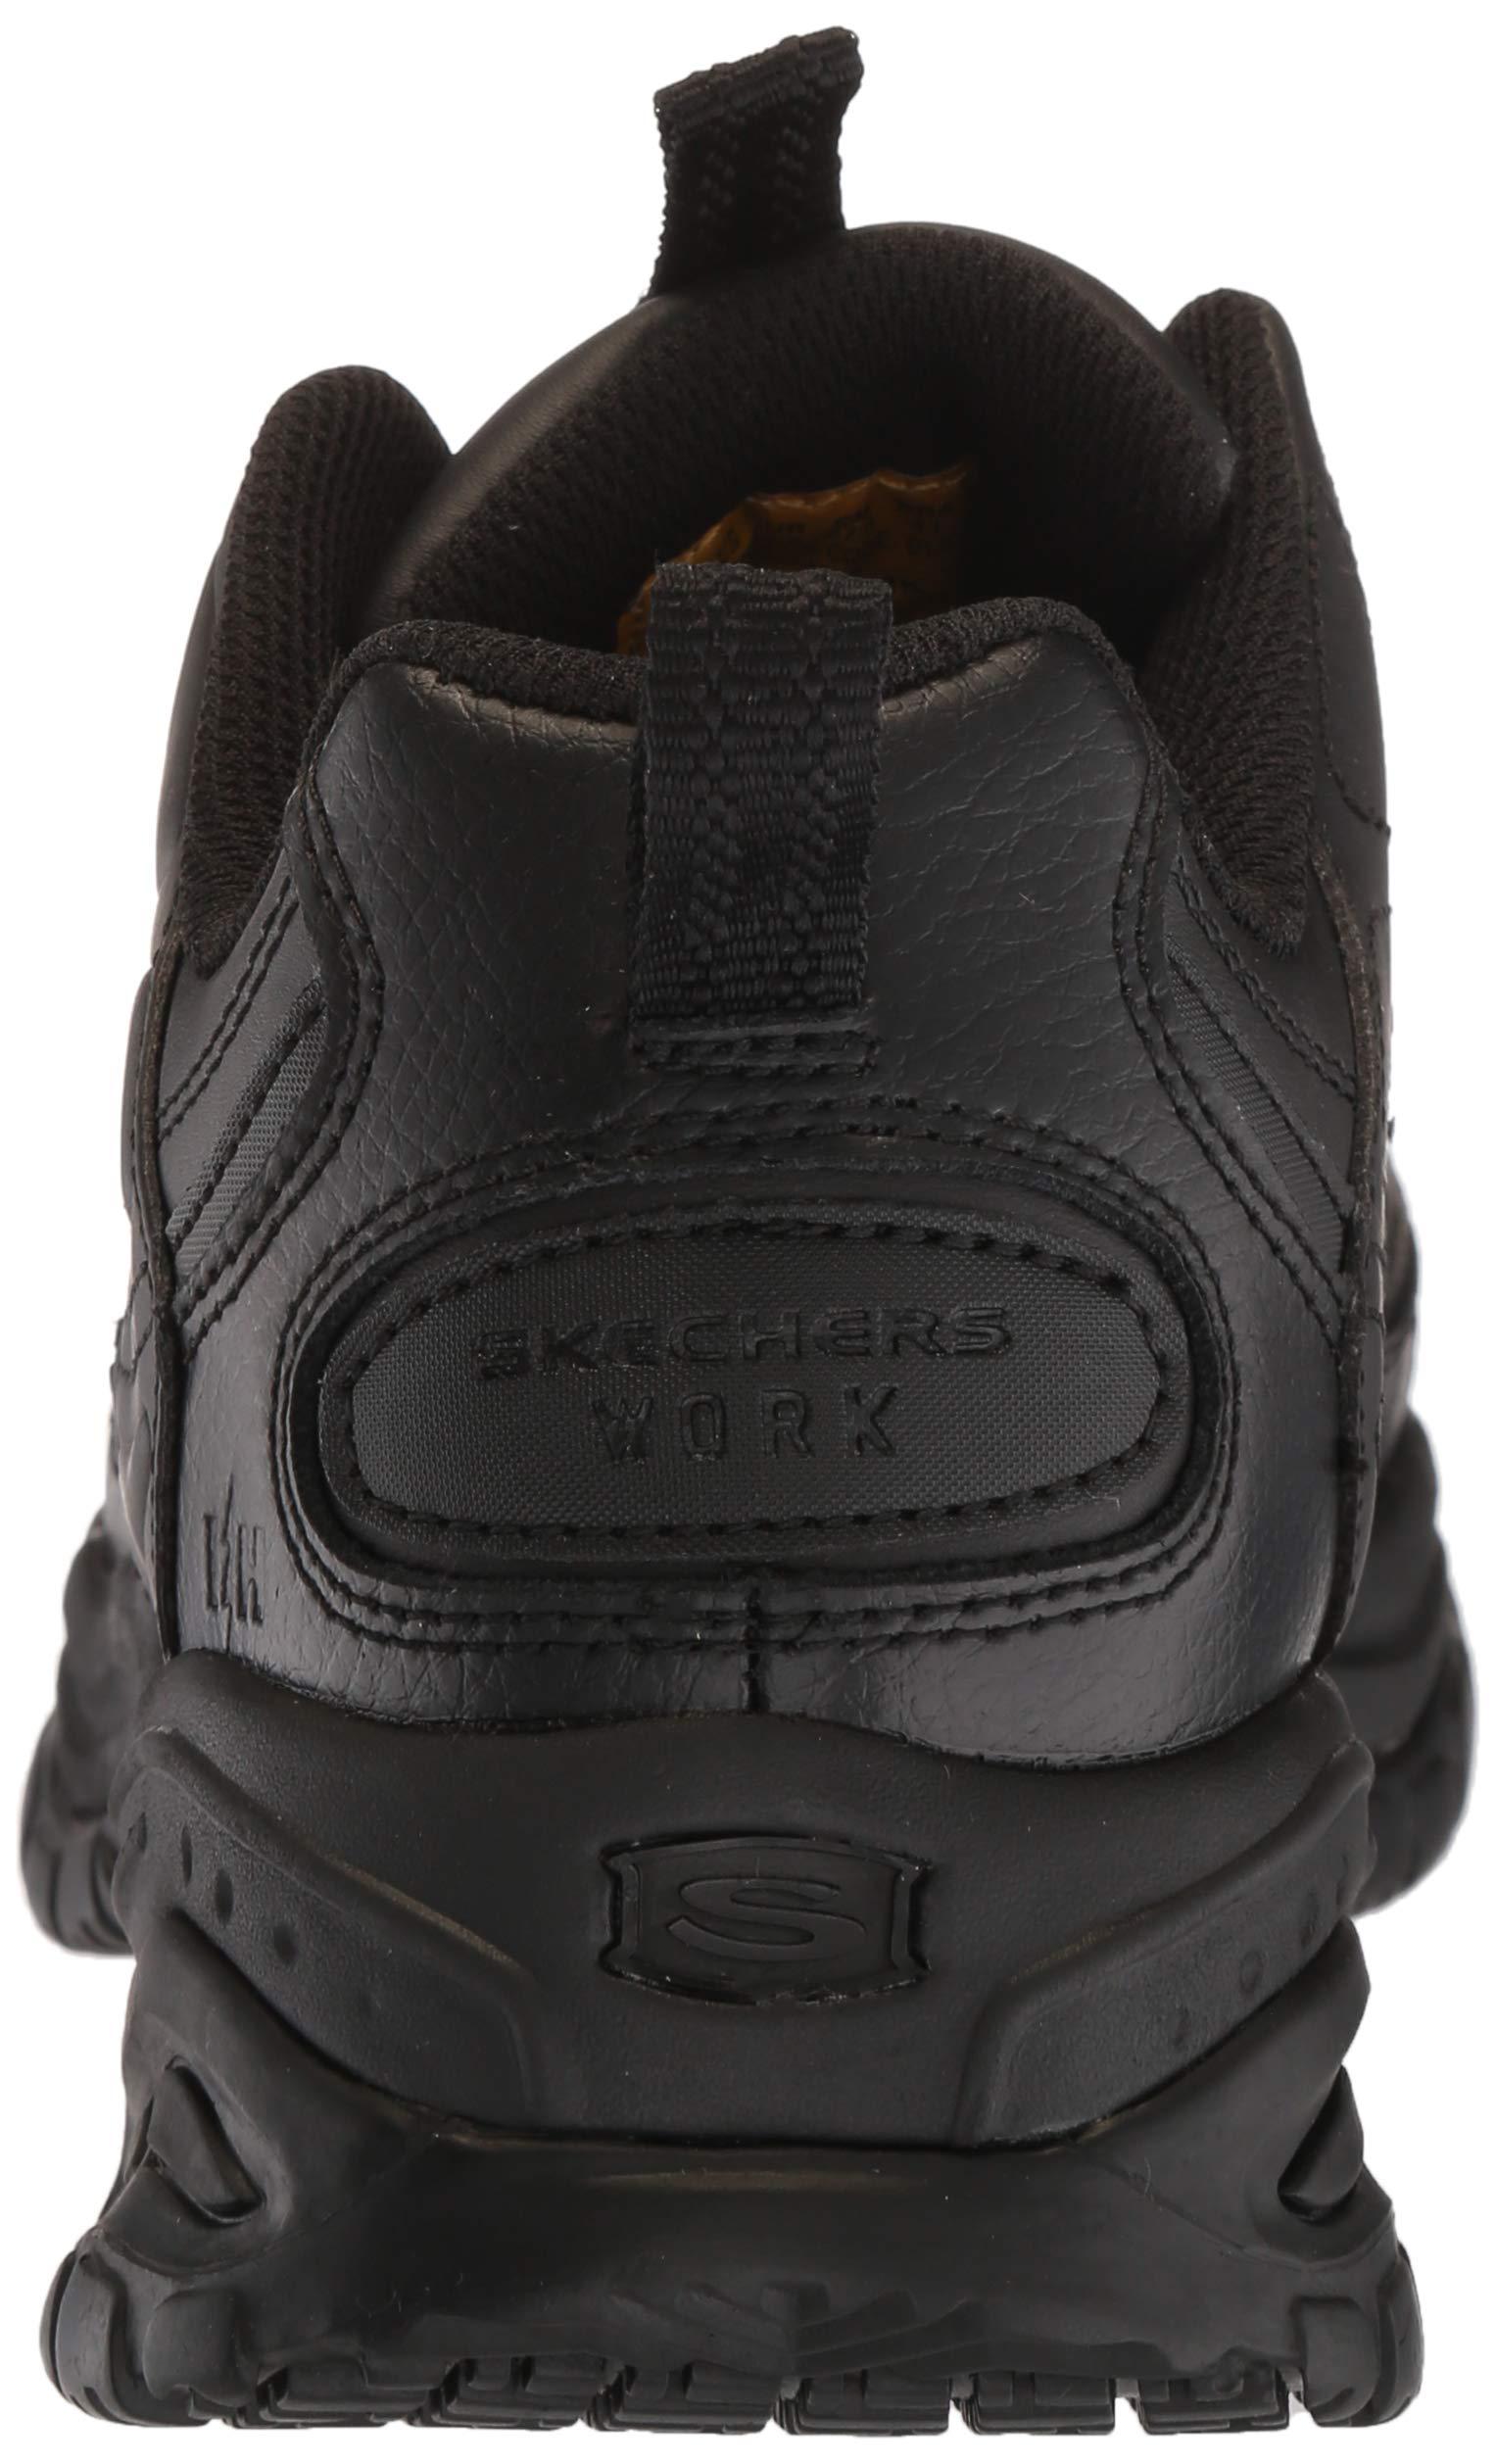 Skechers Men's Soft Stride - Galley Black Smooth Lthr/Midsole 8 EW by Skechers (Image #2)